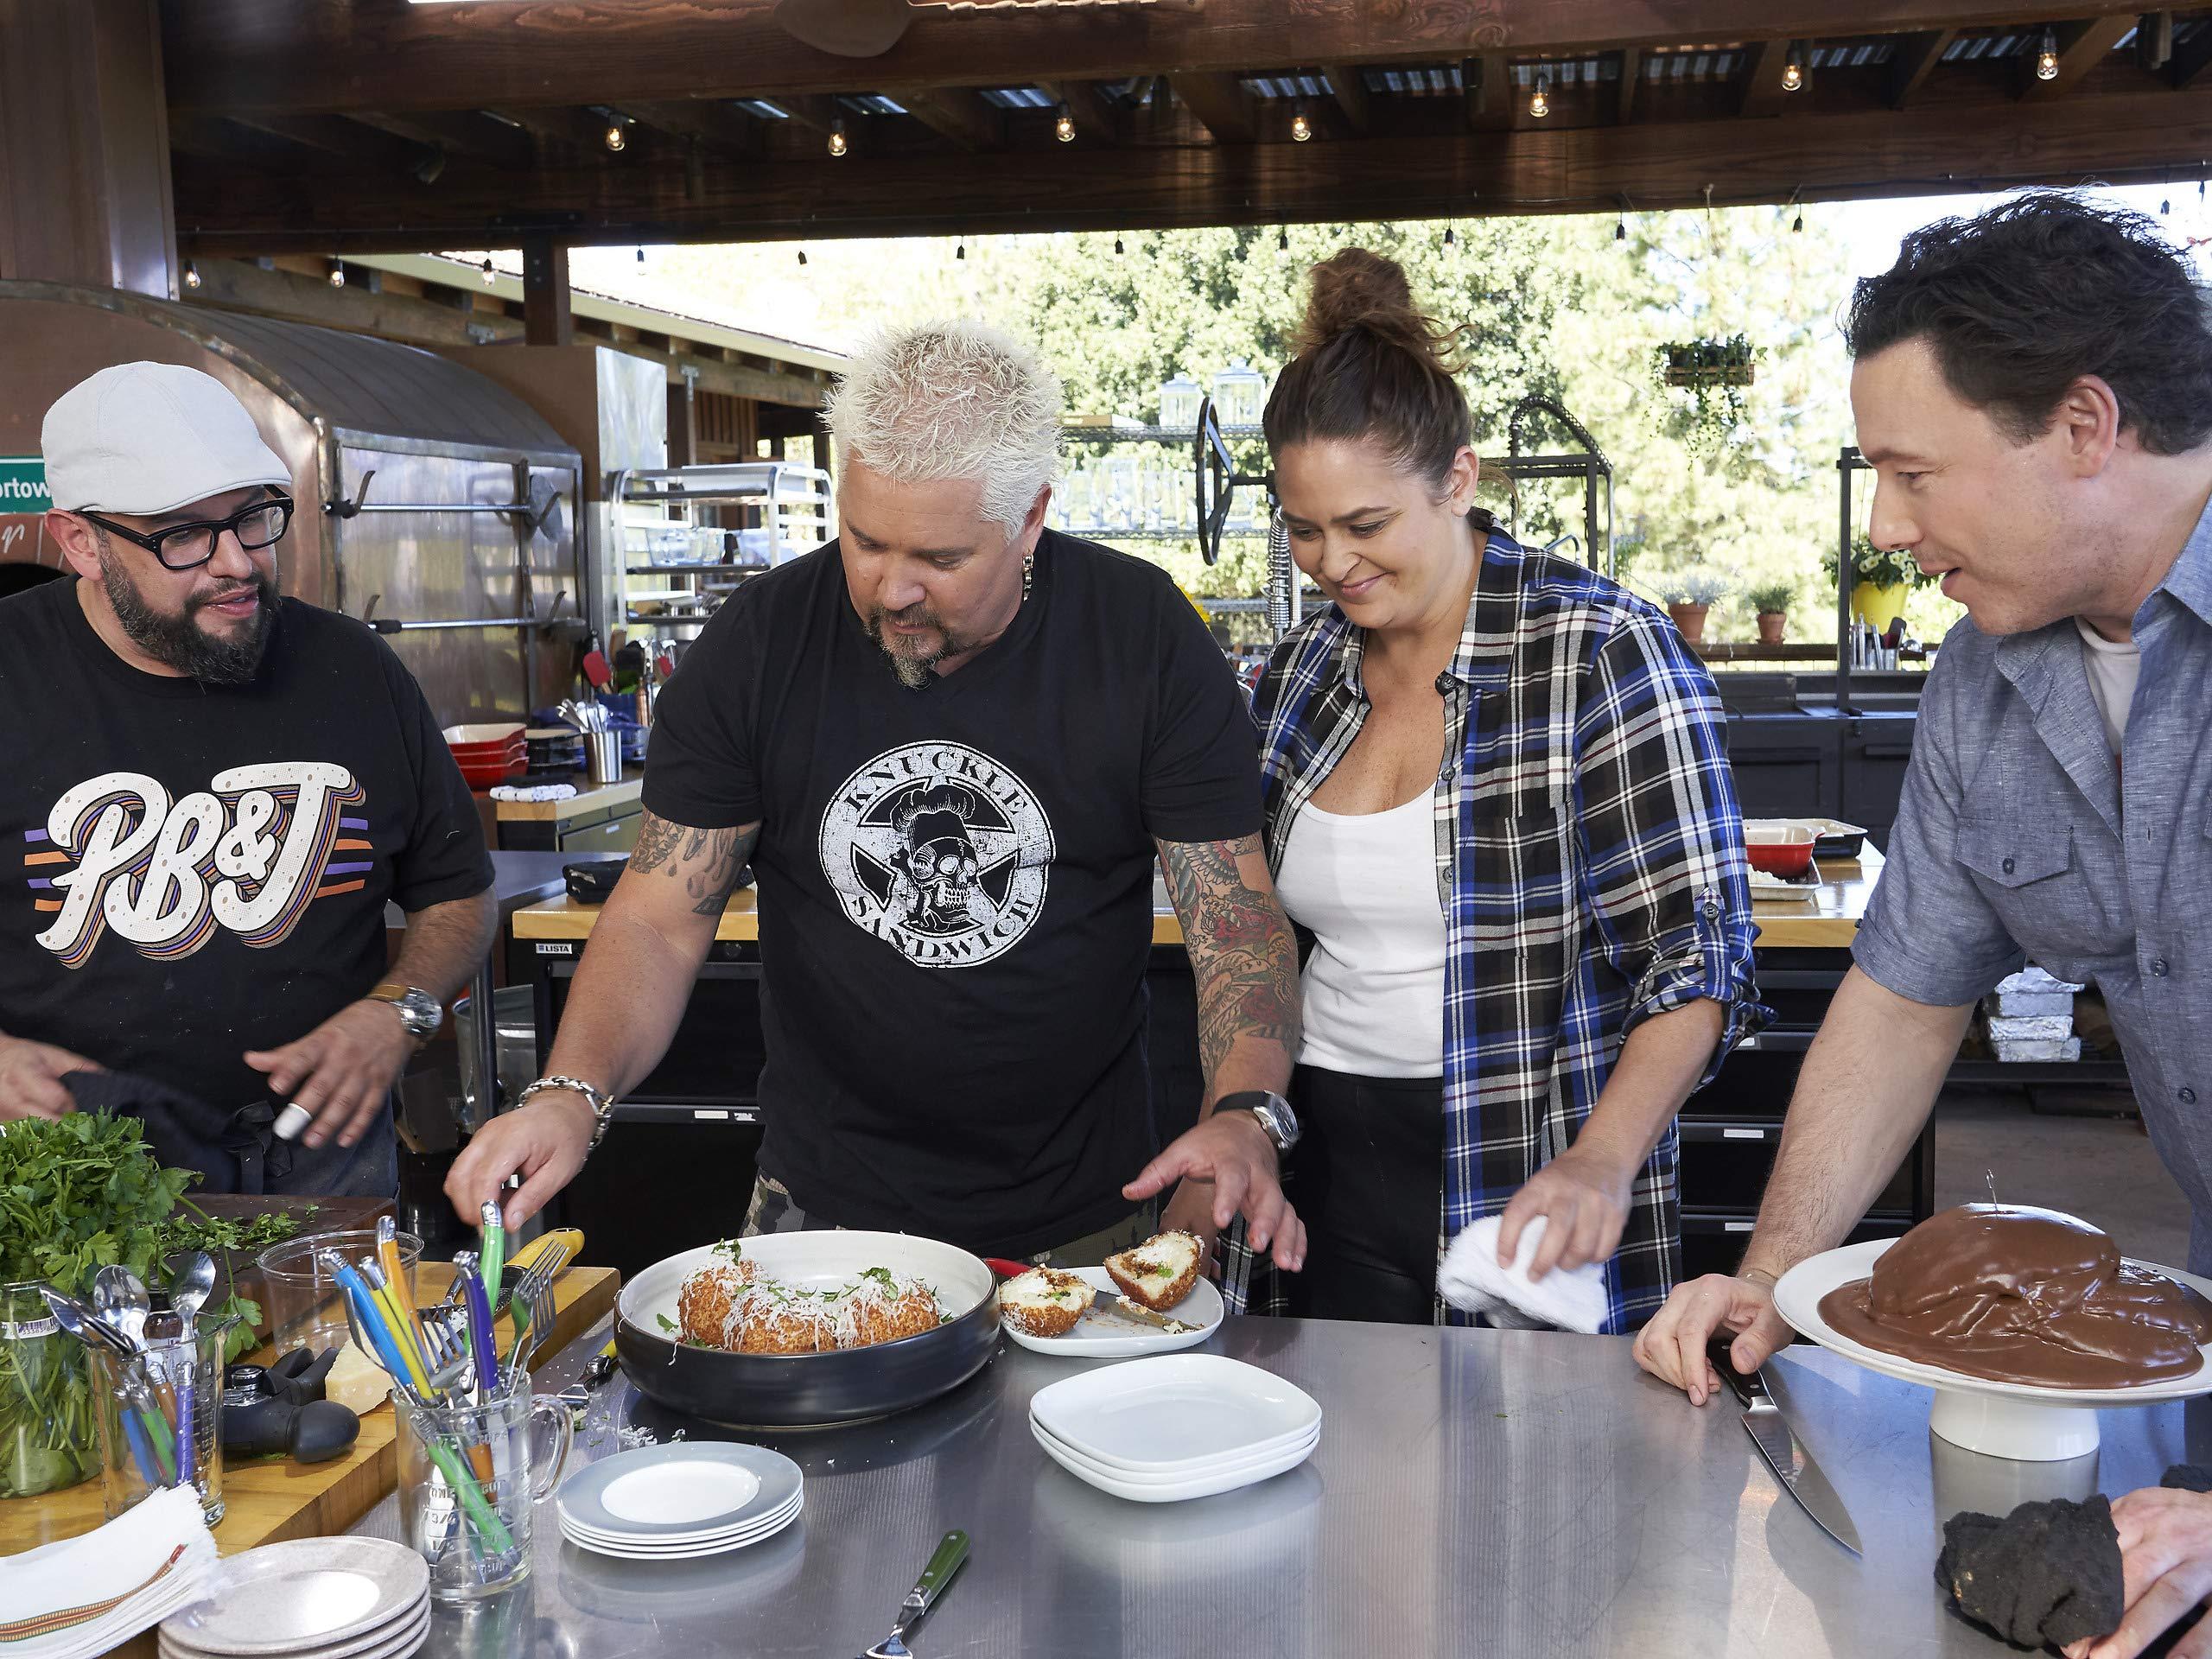 Watch Guy S Ranch Kitchen Season 2 Prime Video